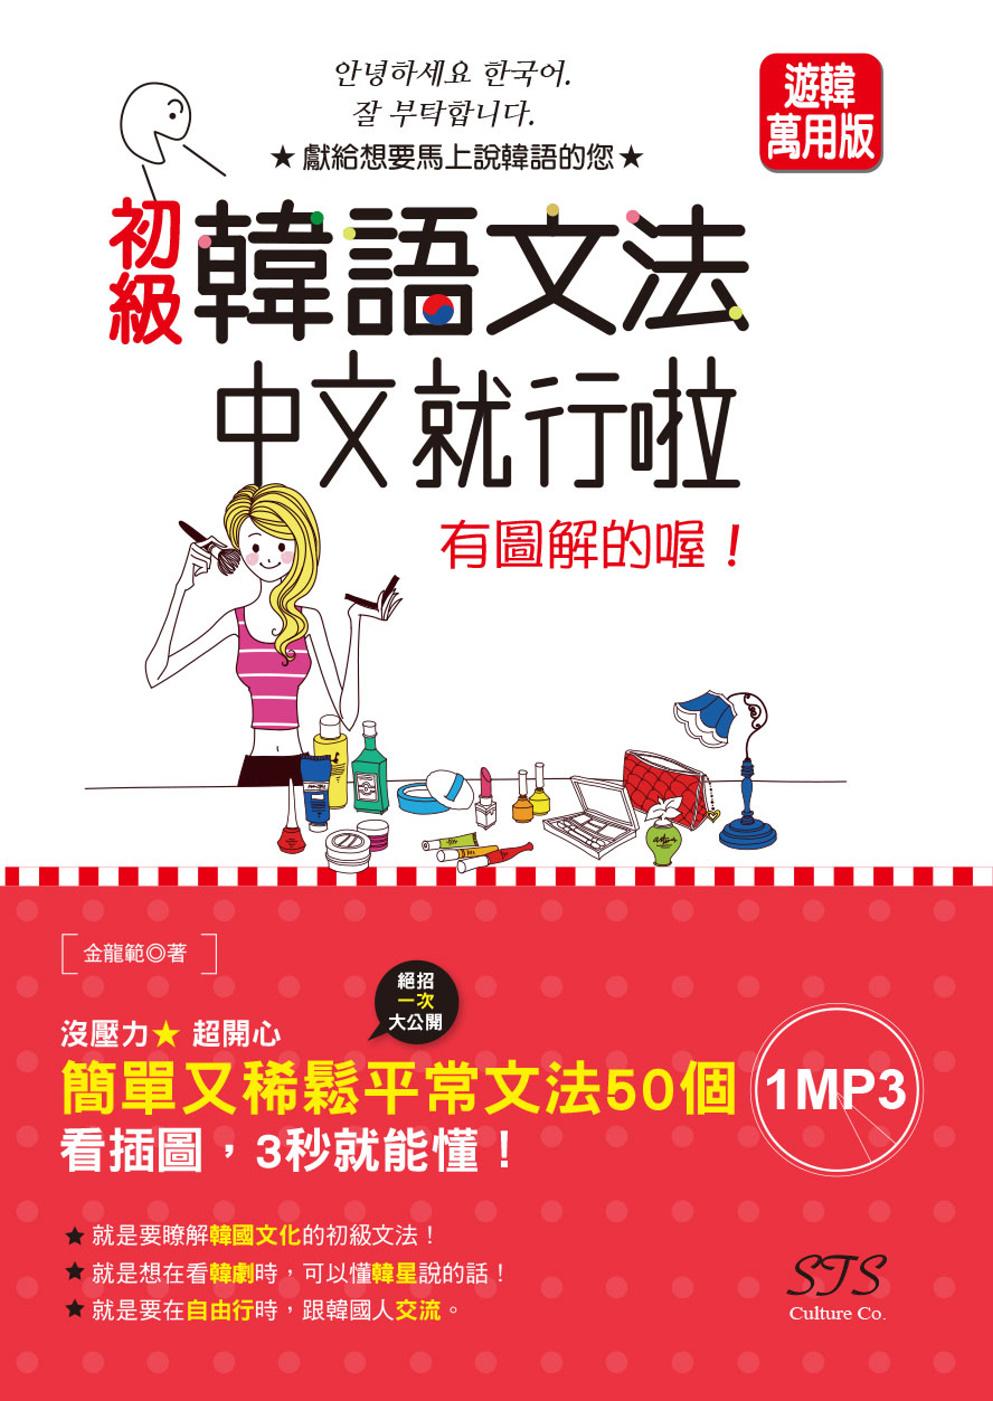 初級韓語文法:中文就行啦 有圖解的喔!(25K+MP3)